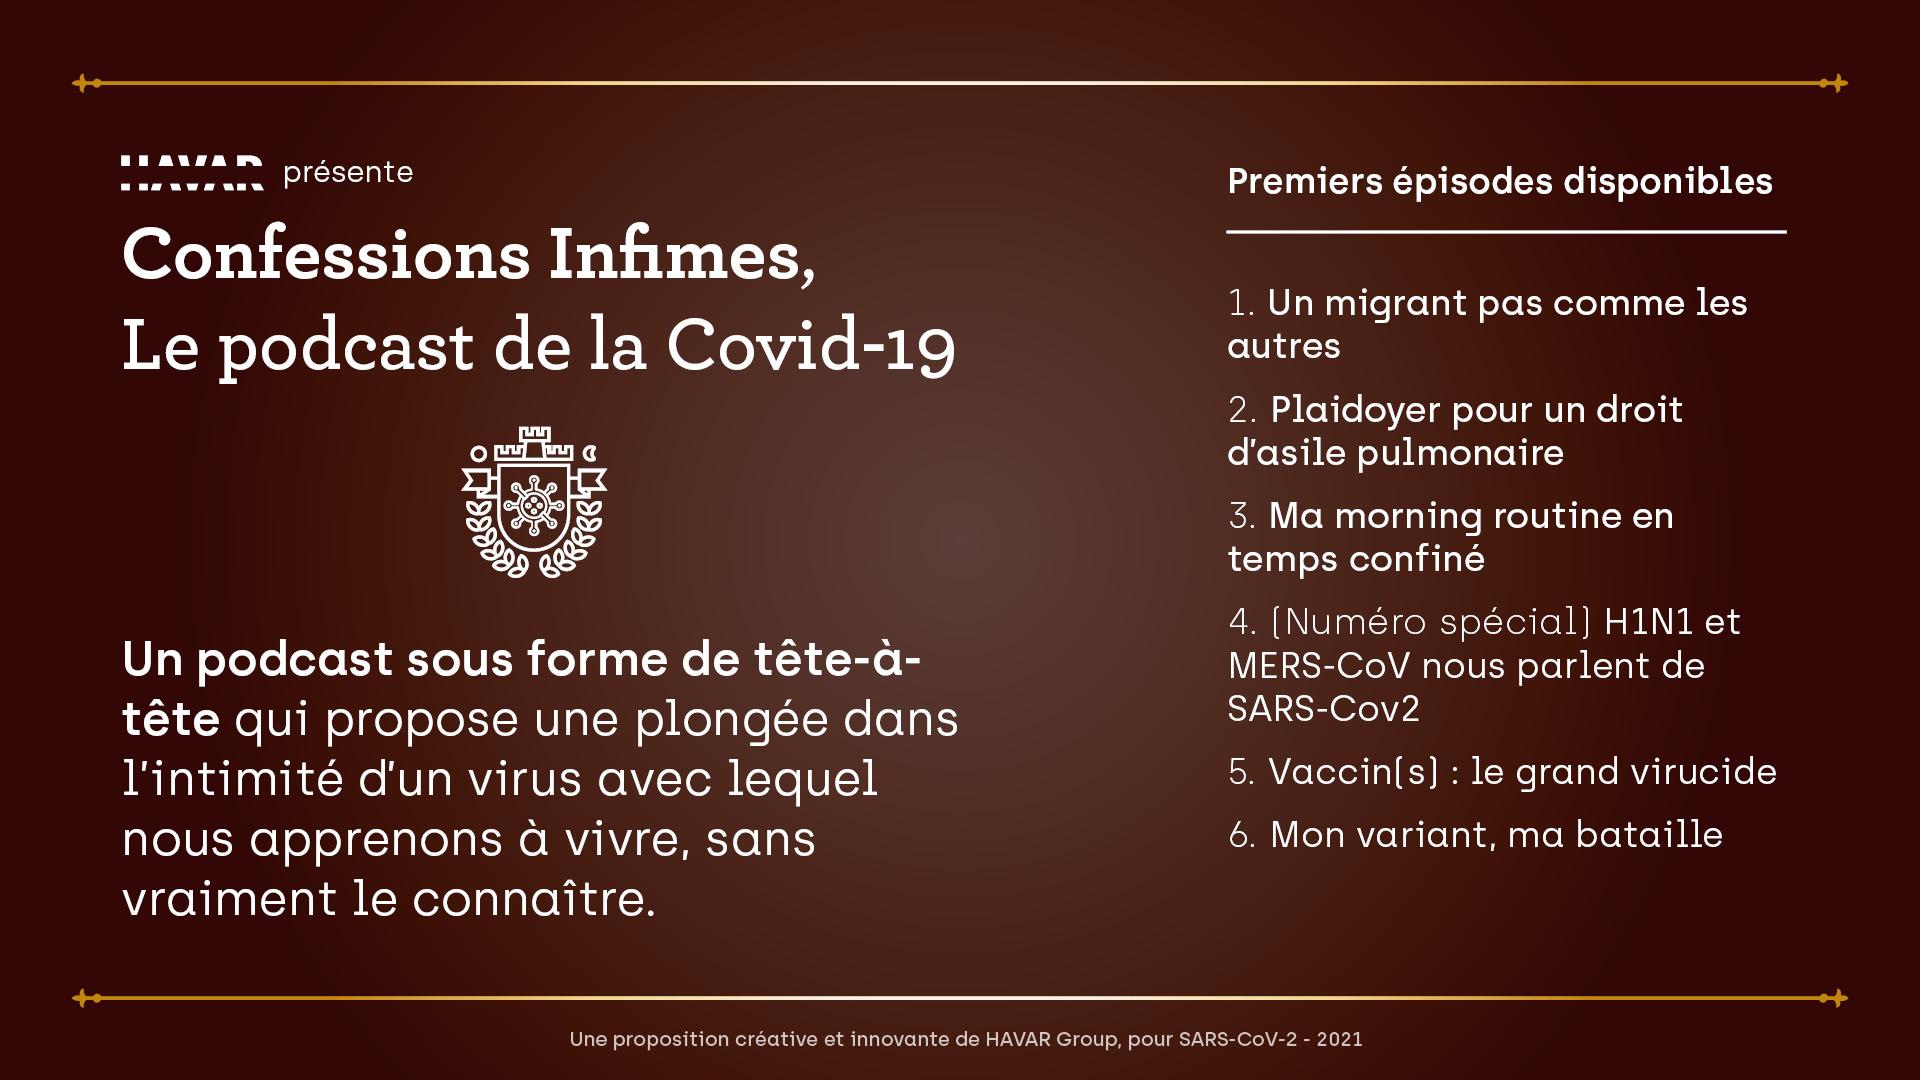 Confessions Infimes, le podcast de la Covid-19 - Présentation